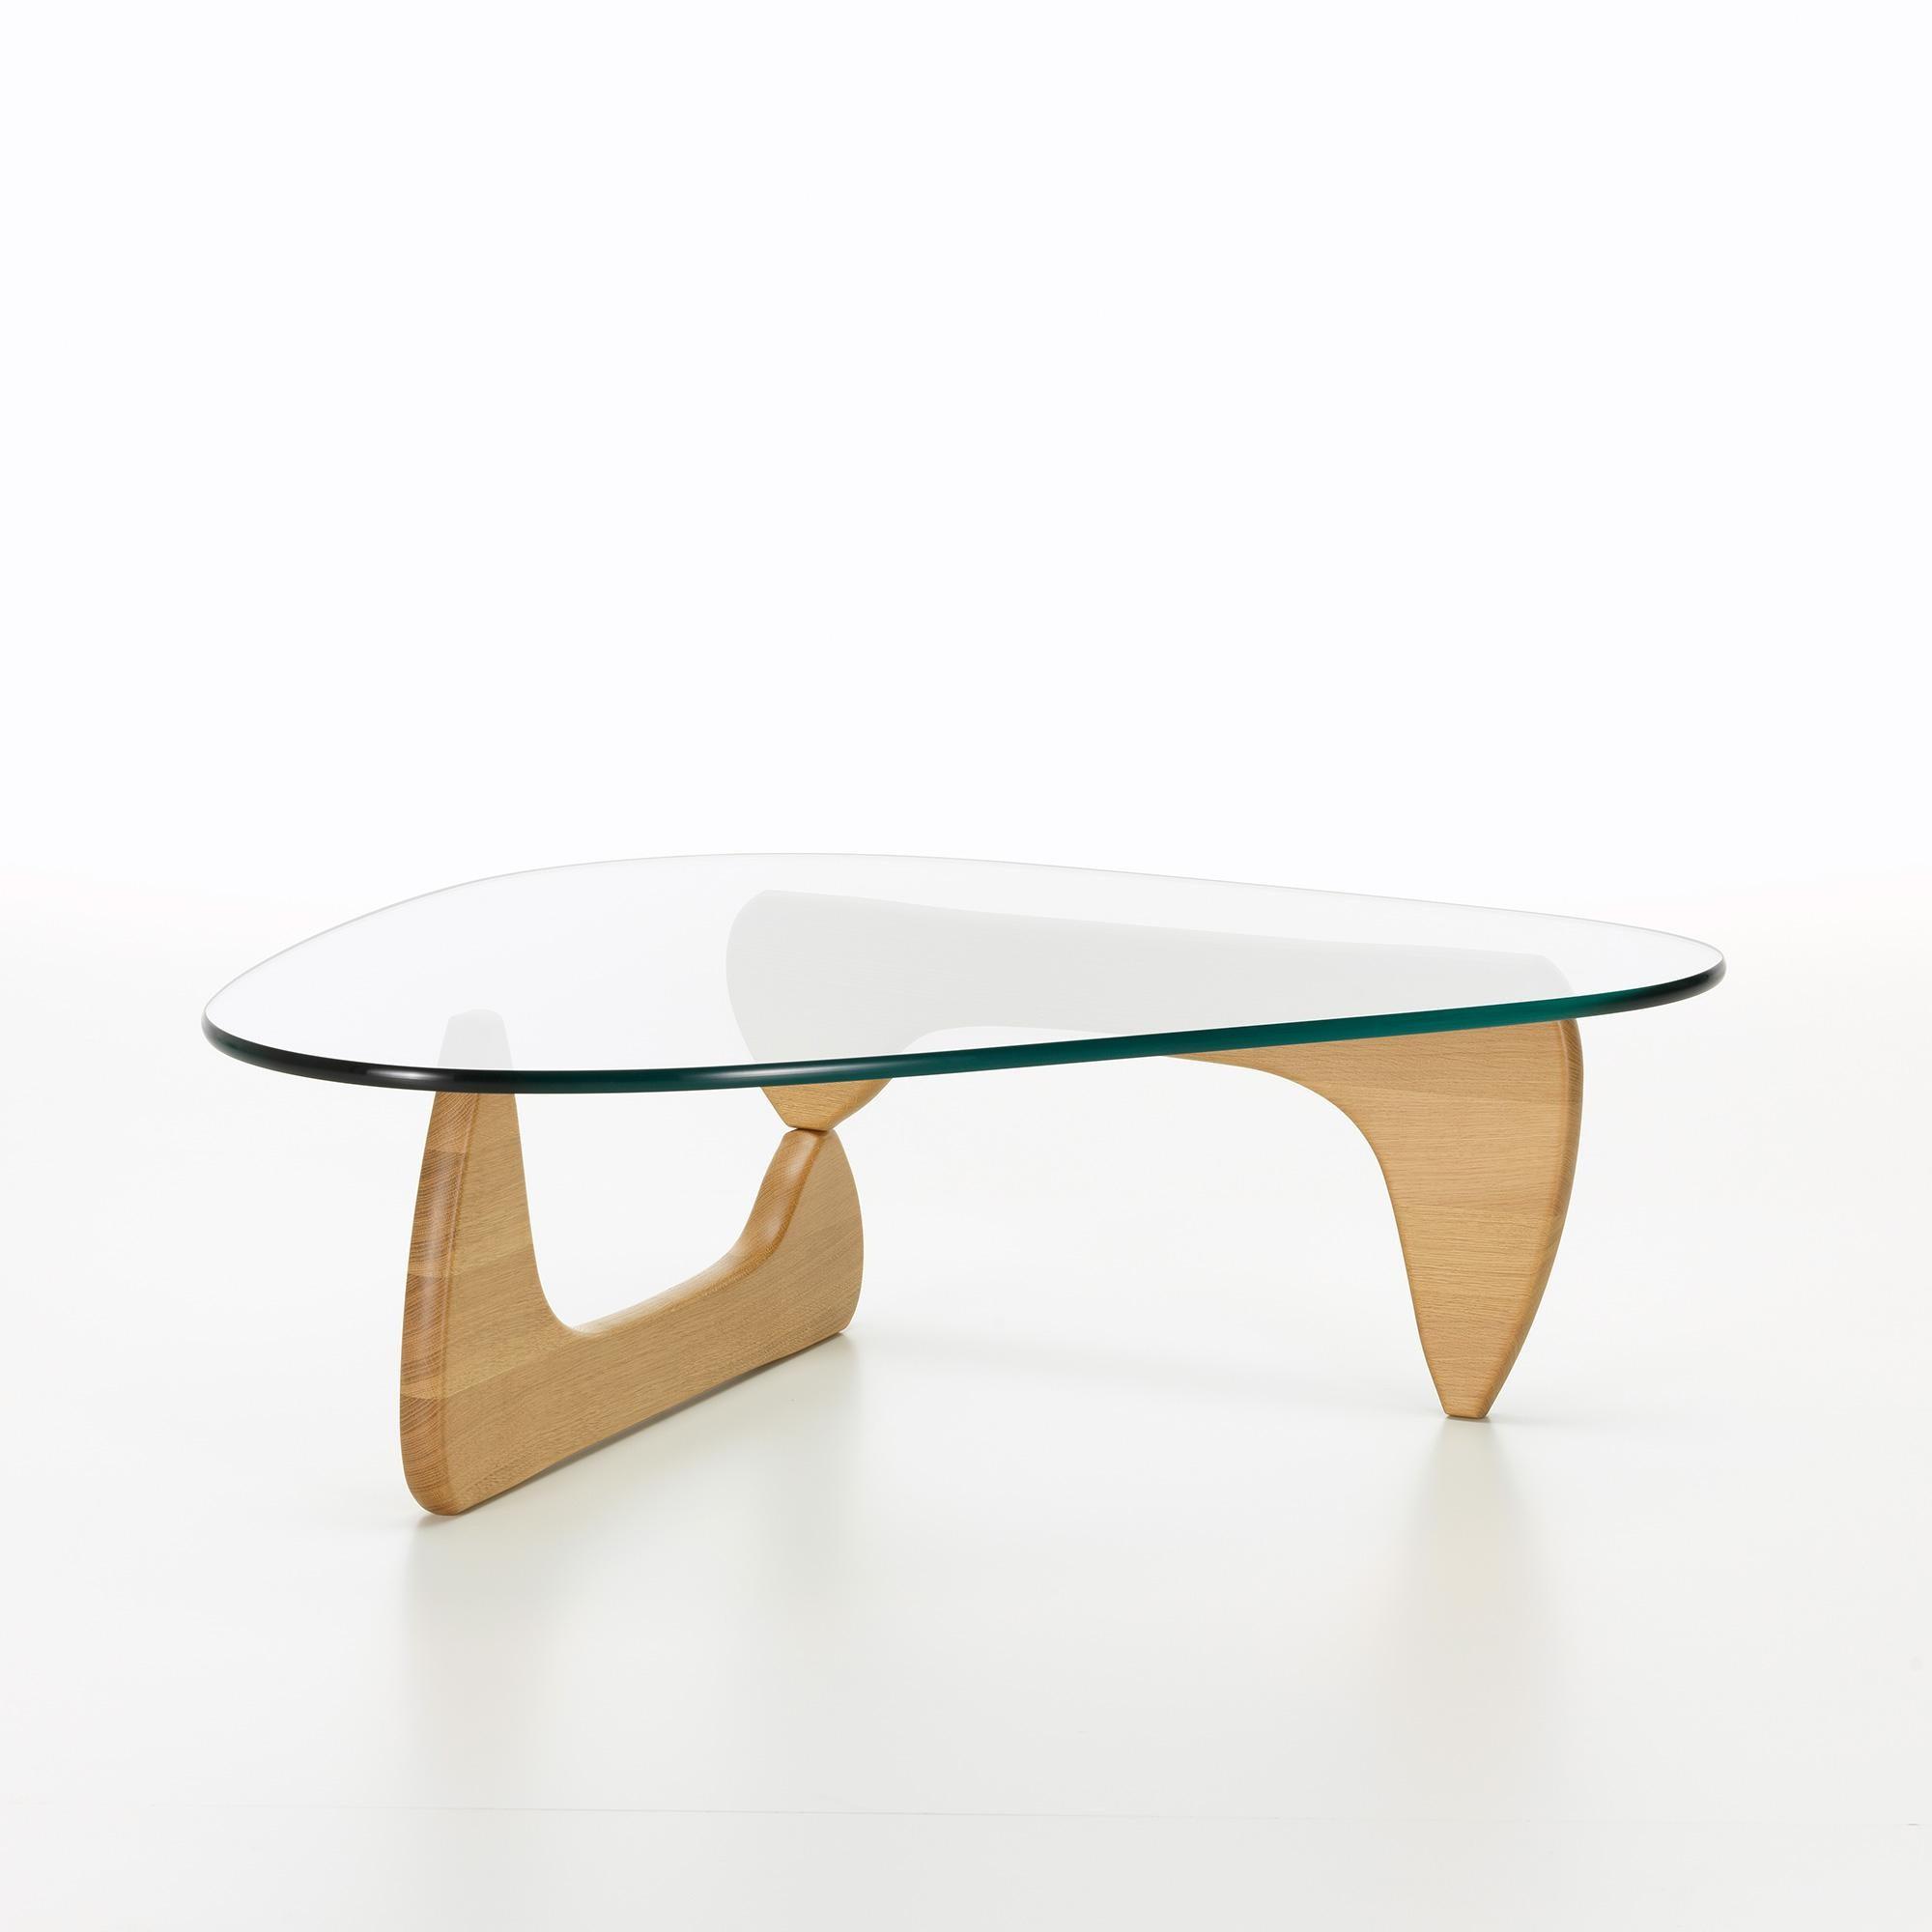 Vitra Noguchi Coffee Table Beistelltisch | AmbienteDirect